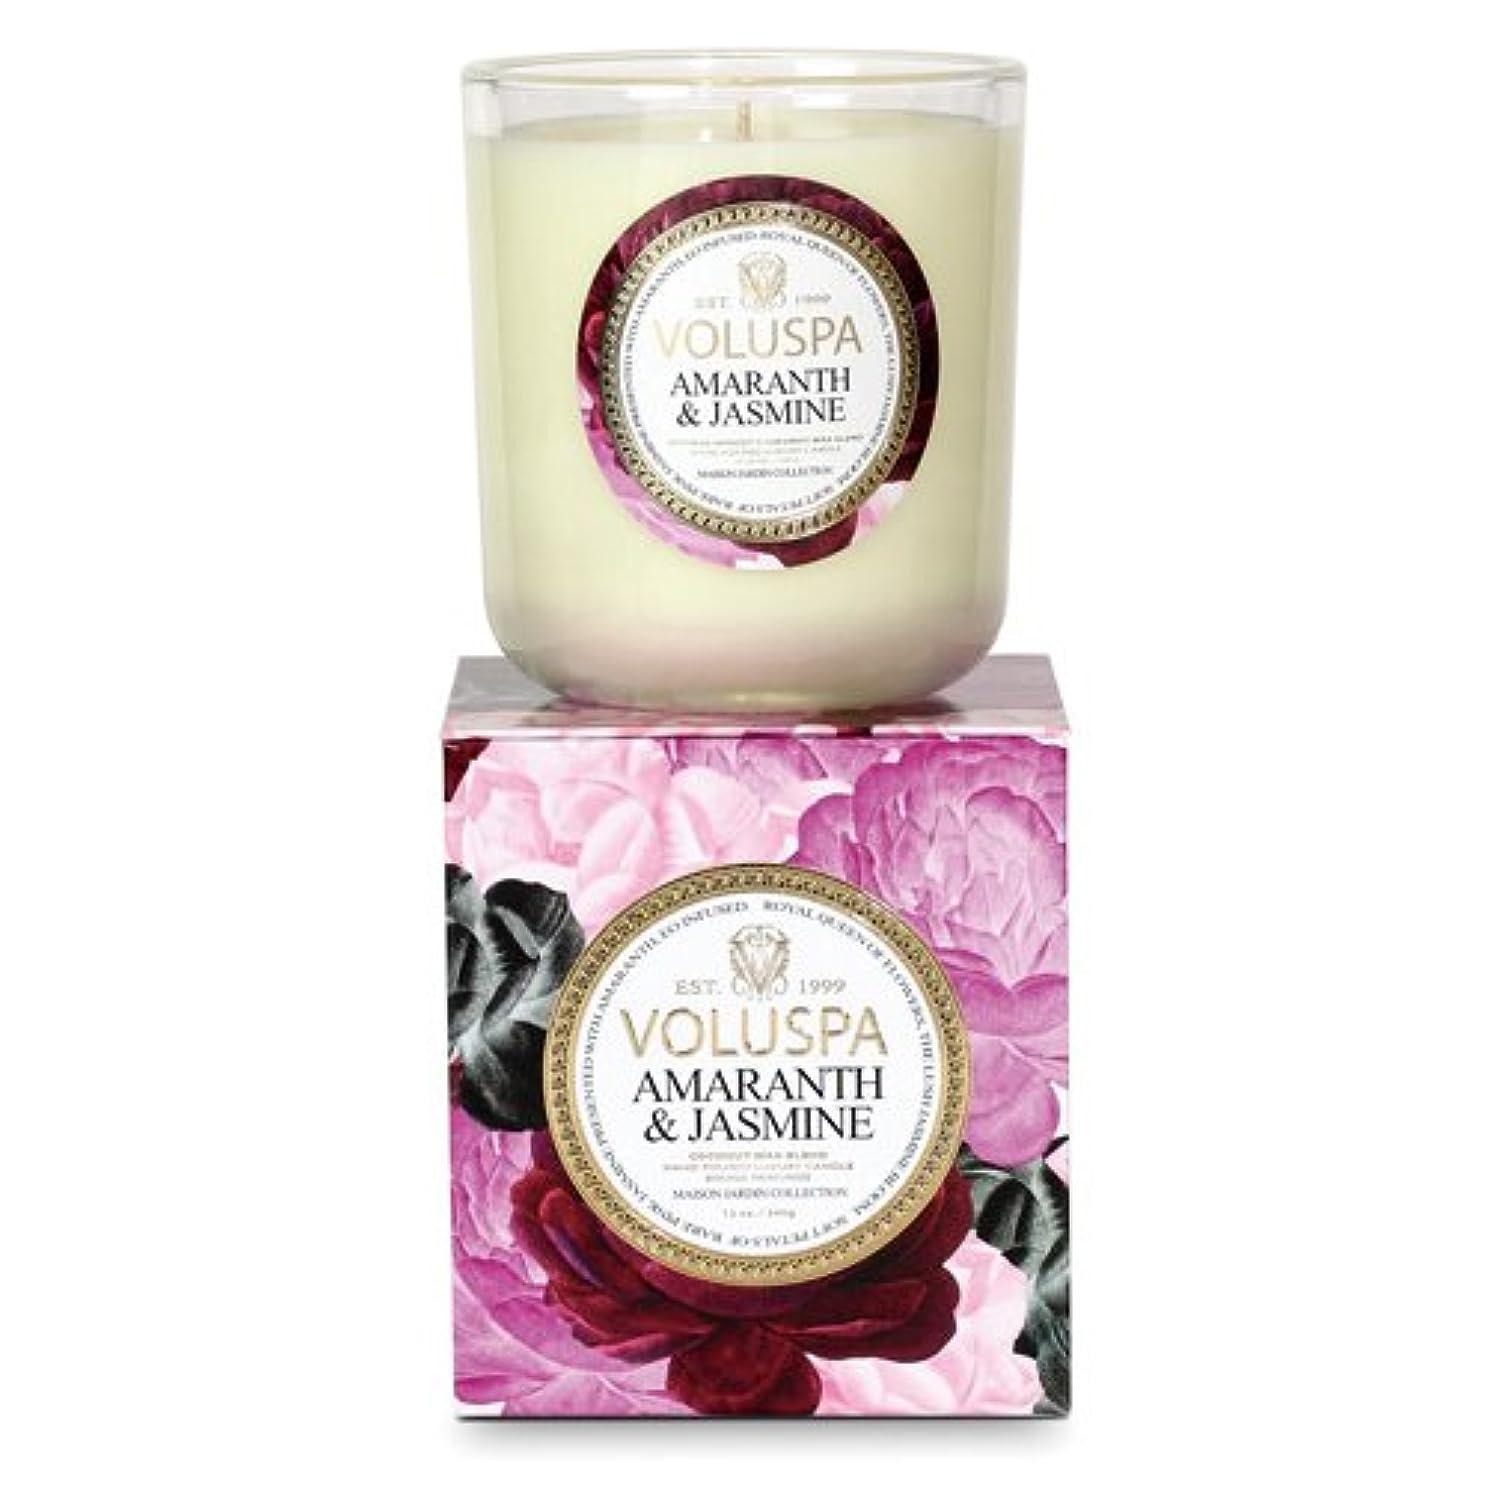 レジ例示するまともなVoluspa ボルスパ メゾンジャルダン ボックス入りグラスキャンドル アマランス&ジャスミン MAISON JARDIN Box Glass Candle AMARANTH & JASMINE